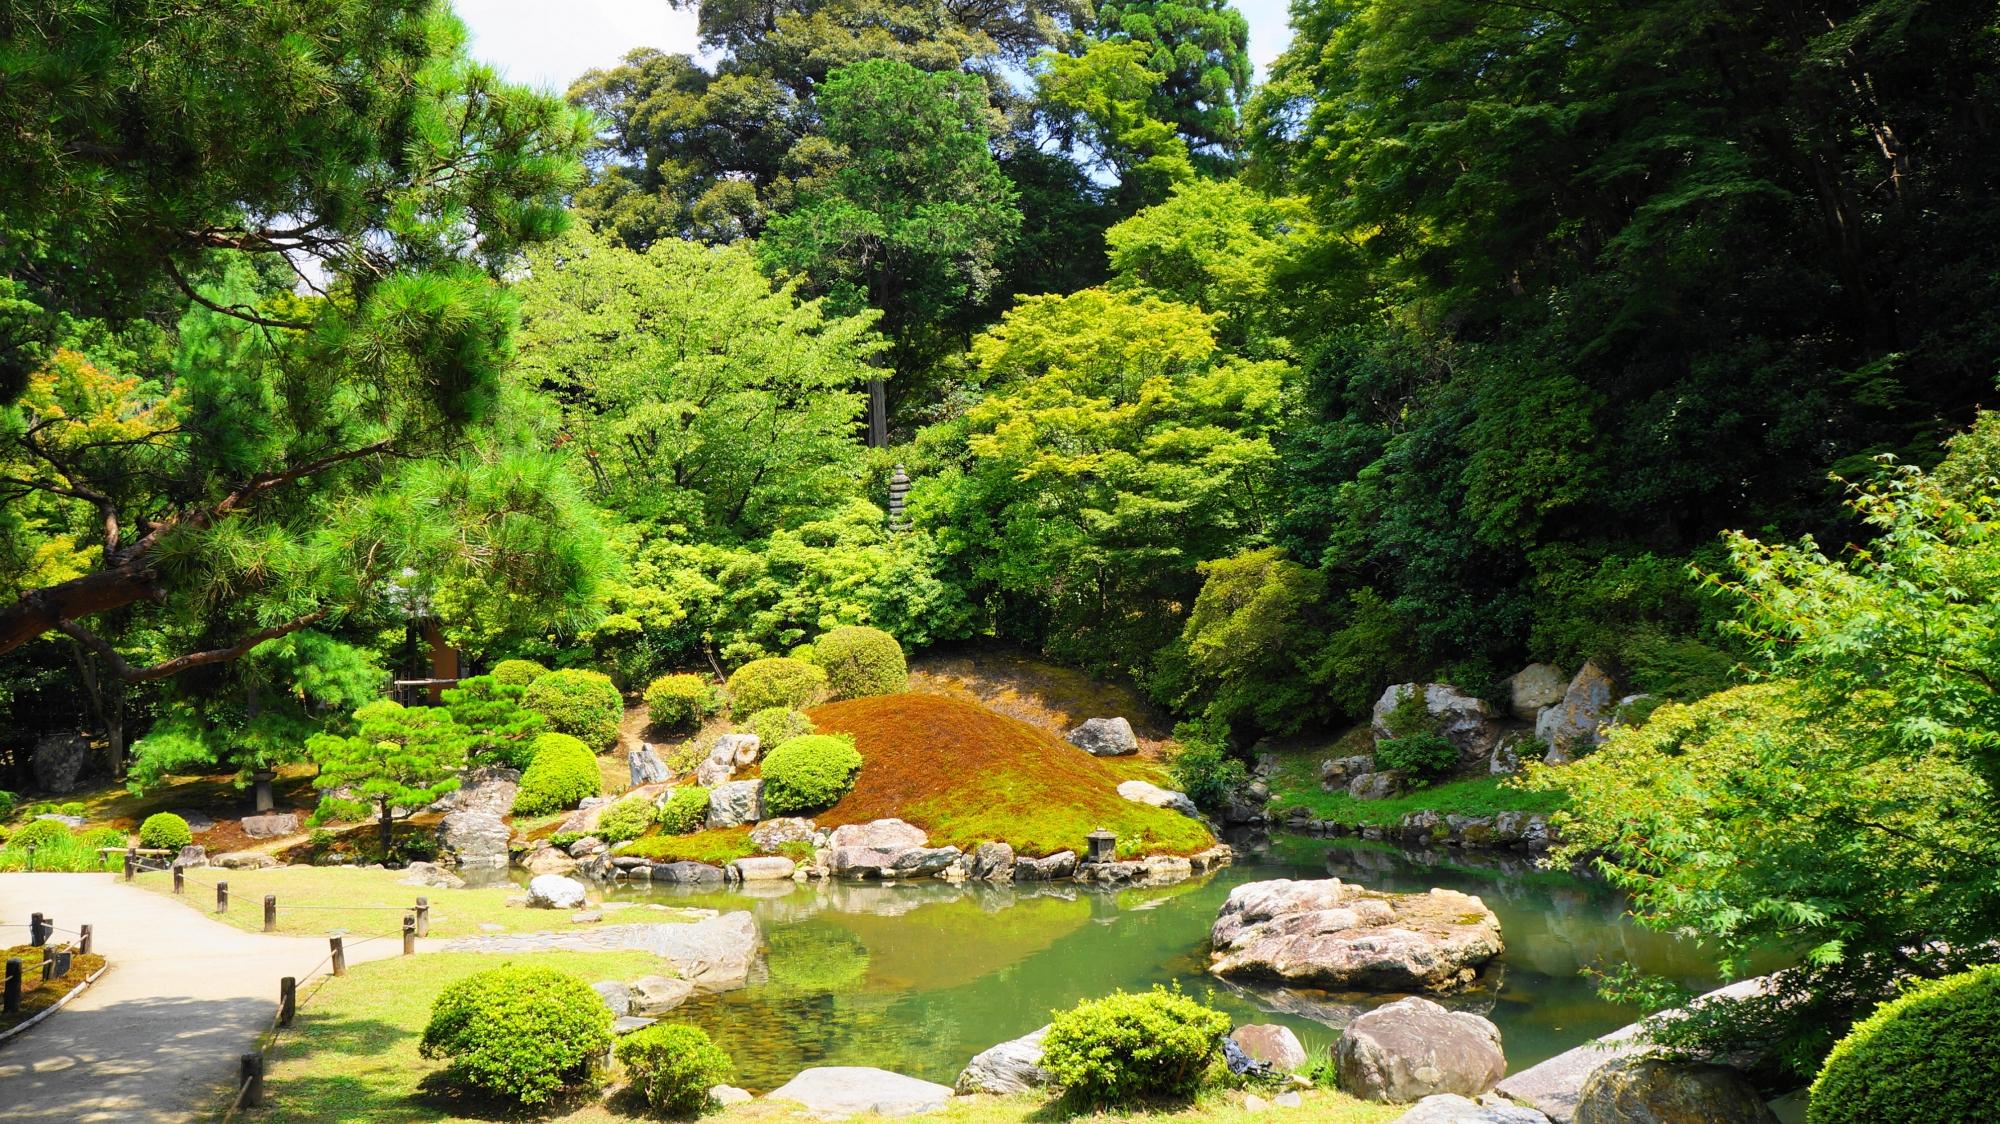 夏の青蓮院の相阿弥の庭と龍心池